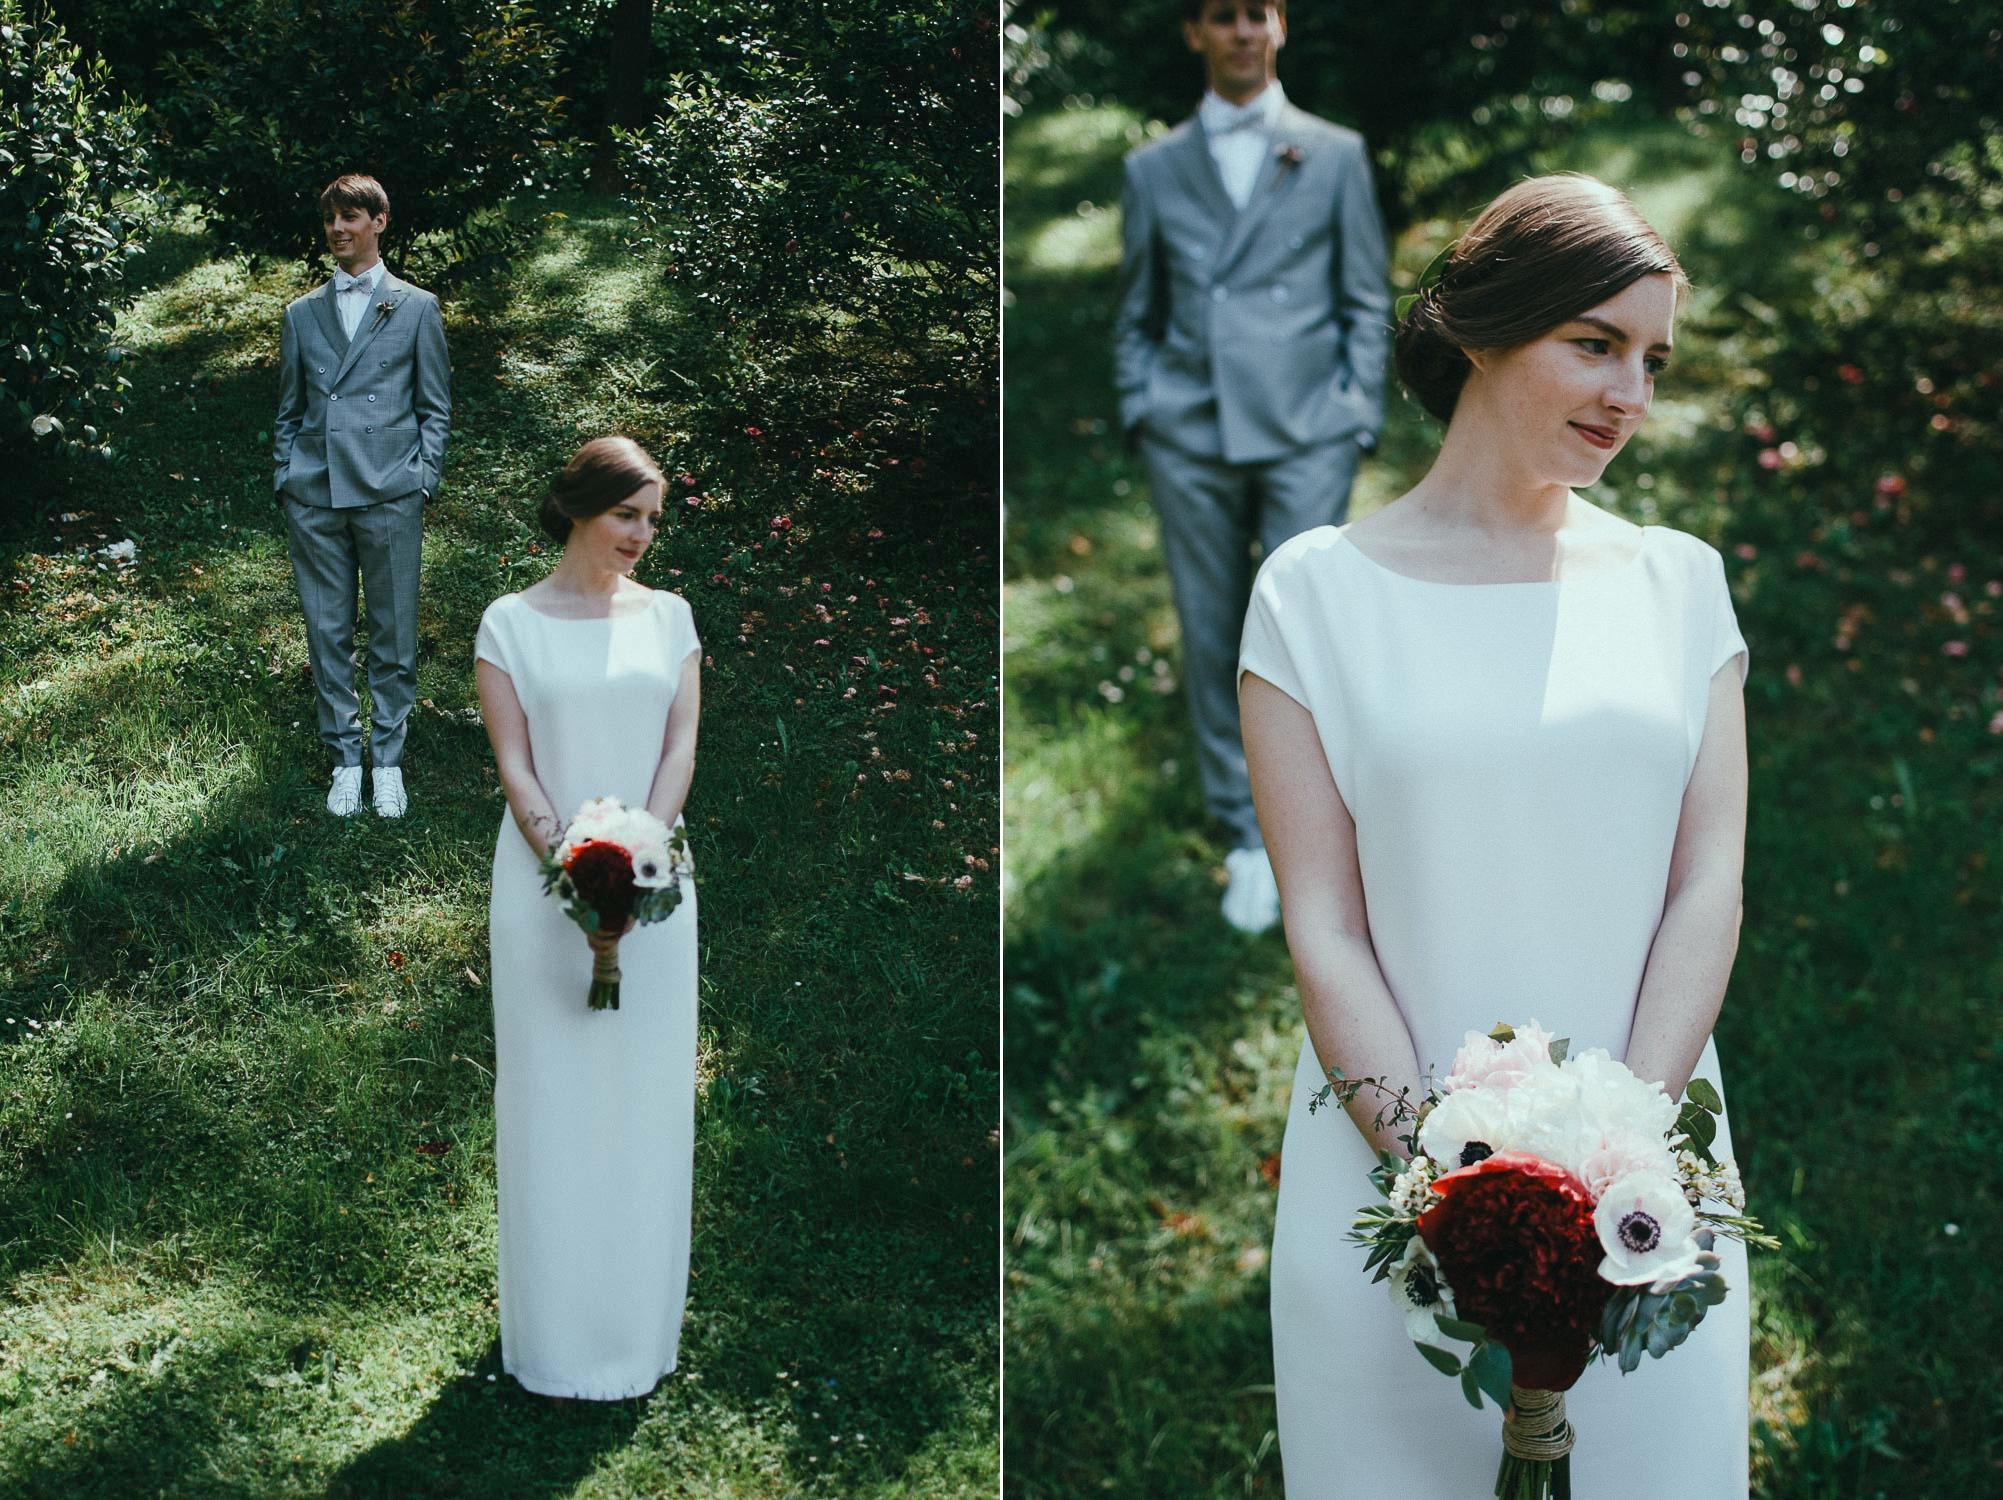 39-bride-groom-portrait.jpg